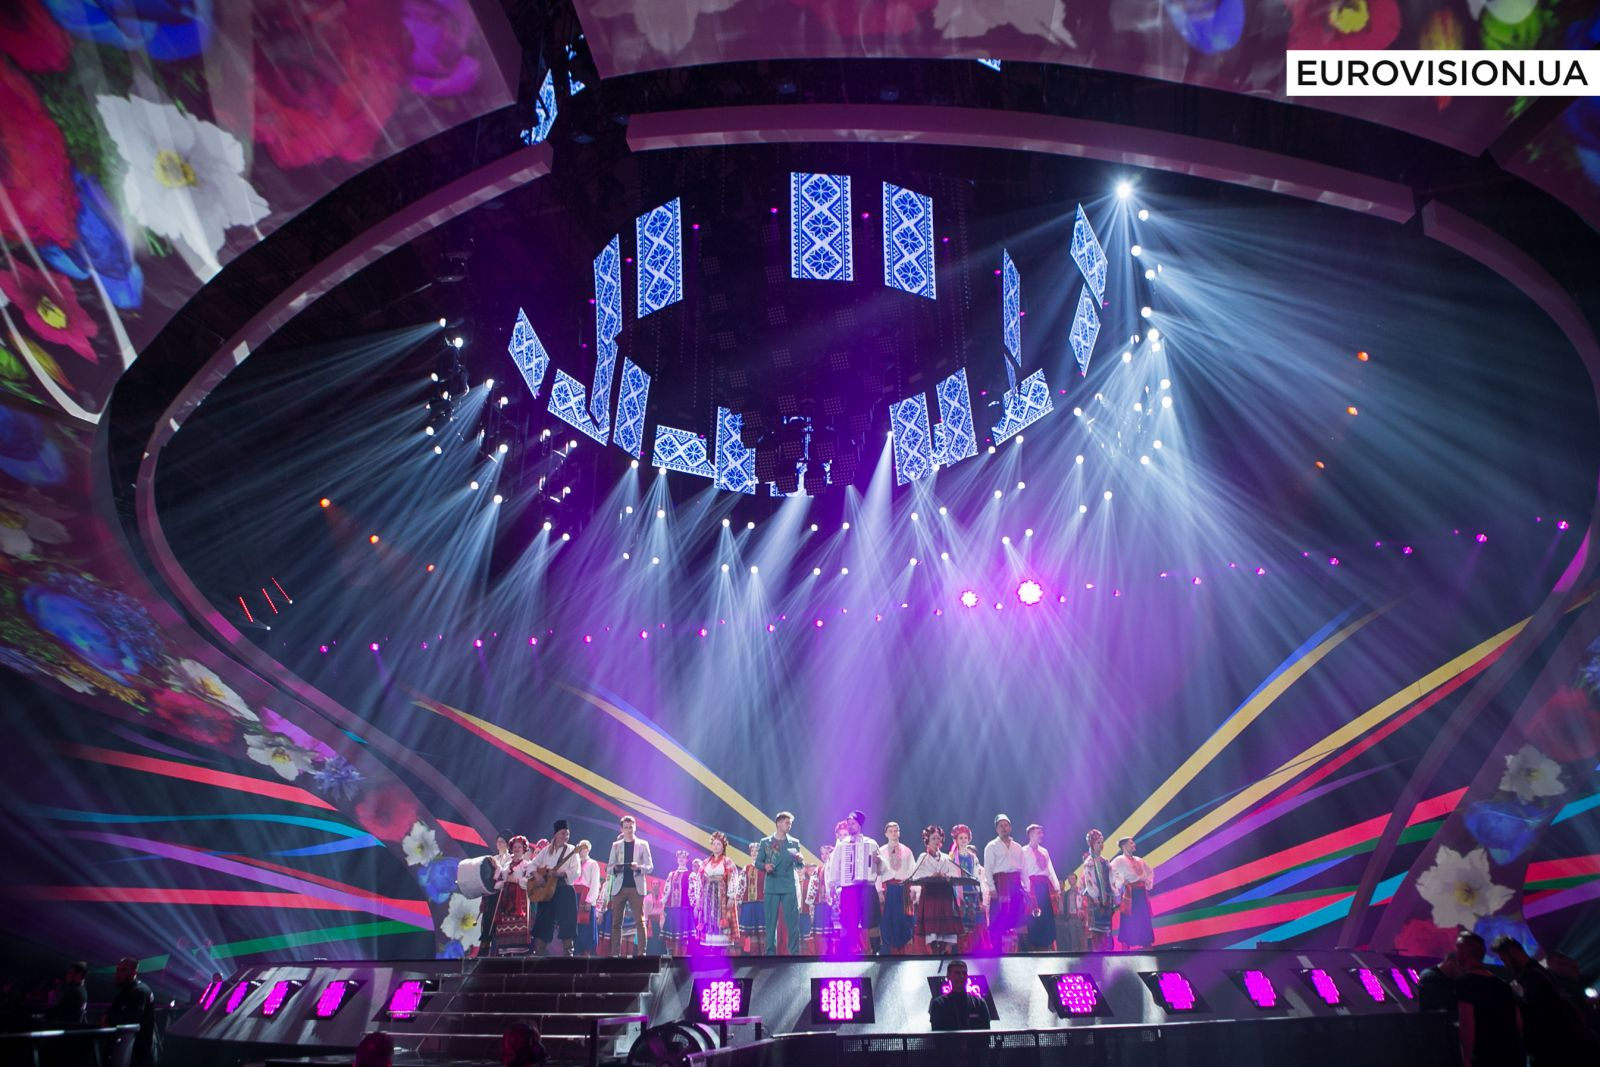 Ведущие Евровидения-2017 перепоют хиты победителей прошлых годов в украинском стиле